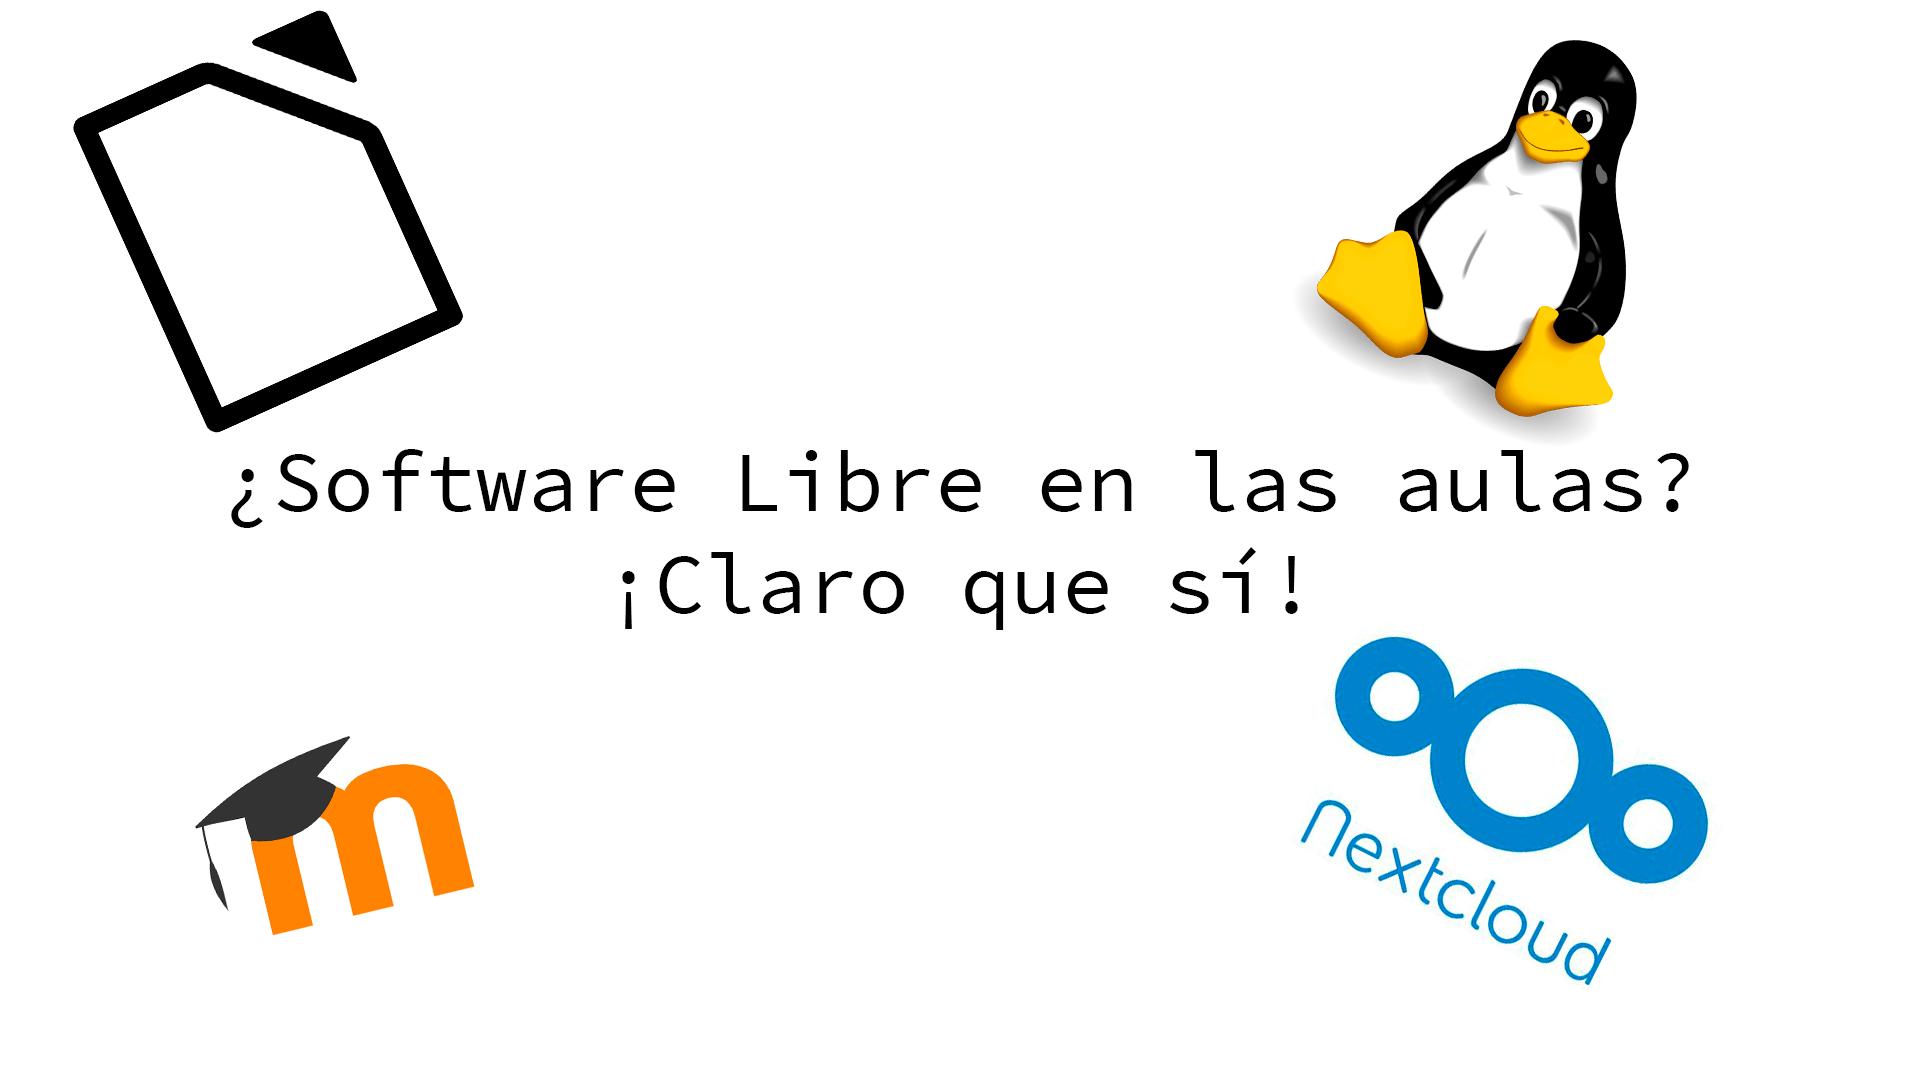 Software Libre en las aulas, claro que sí